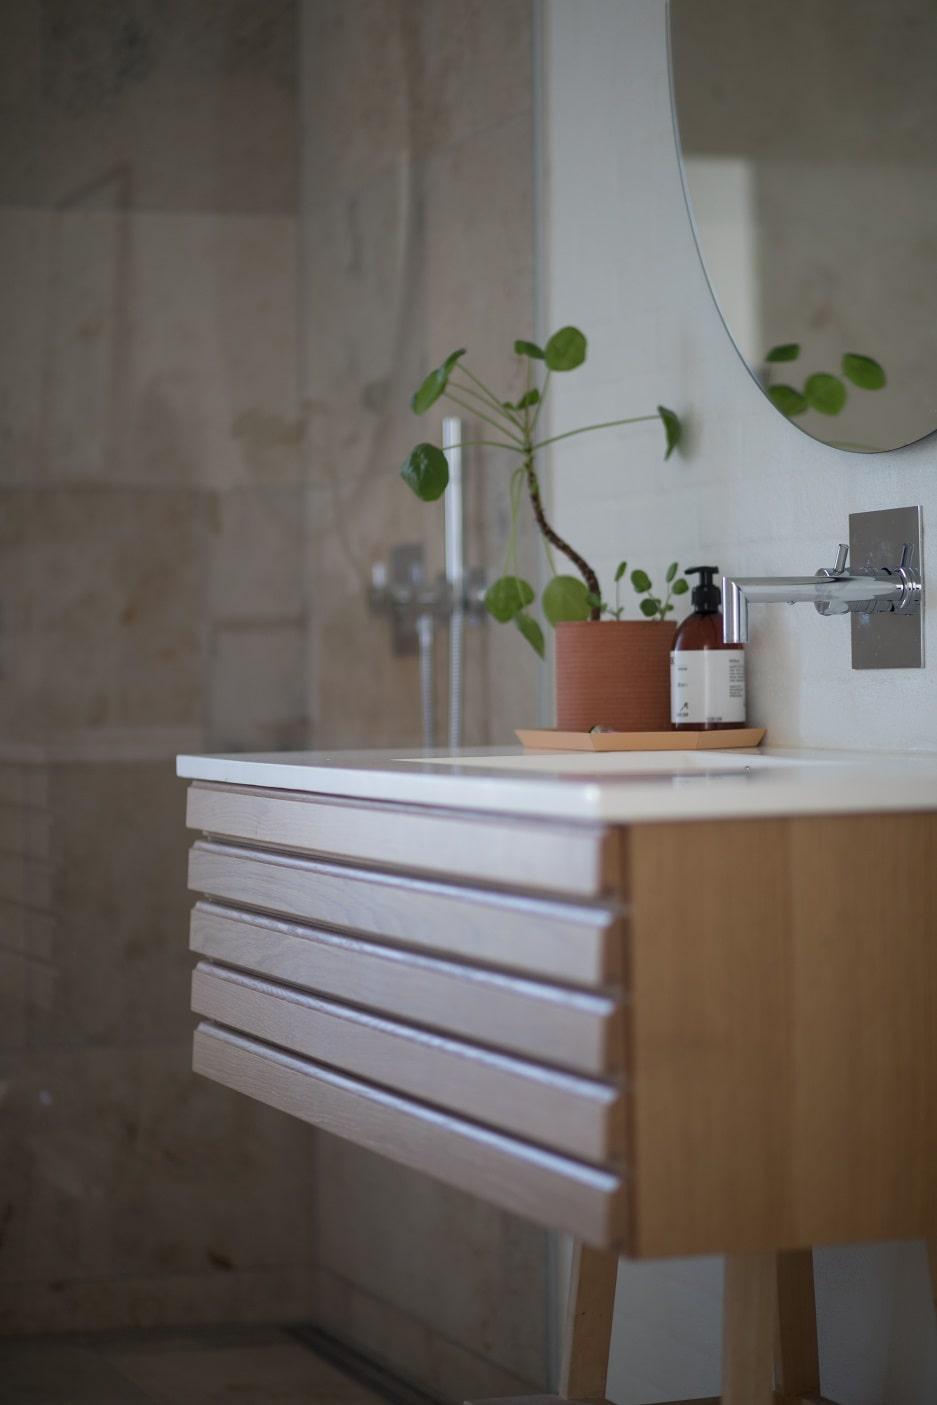 Rośliny Do łazienki Wybierz Najpiękniejsze Gatunki